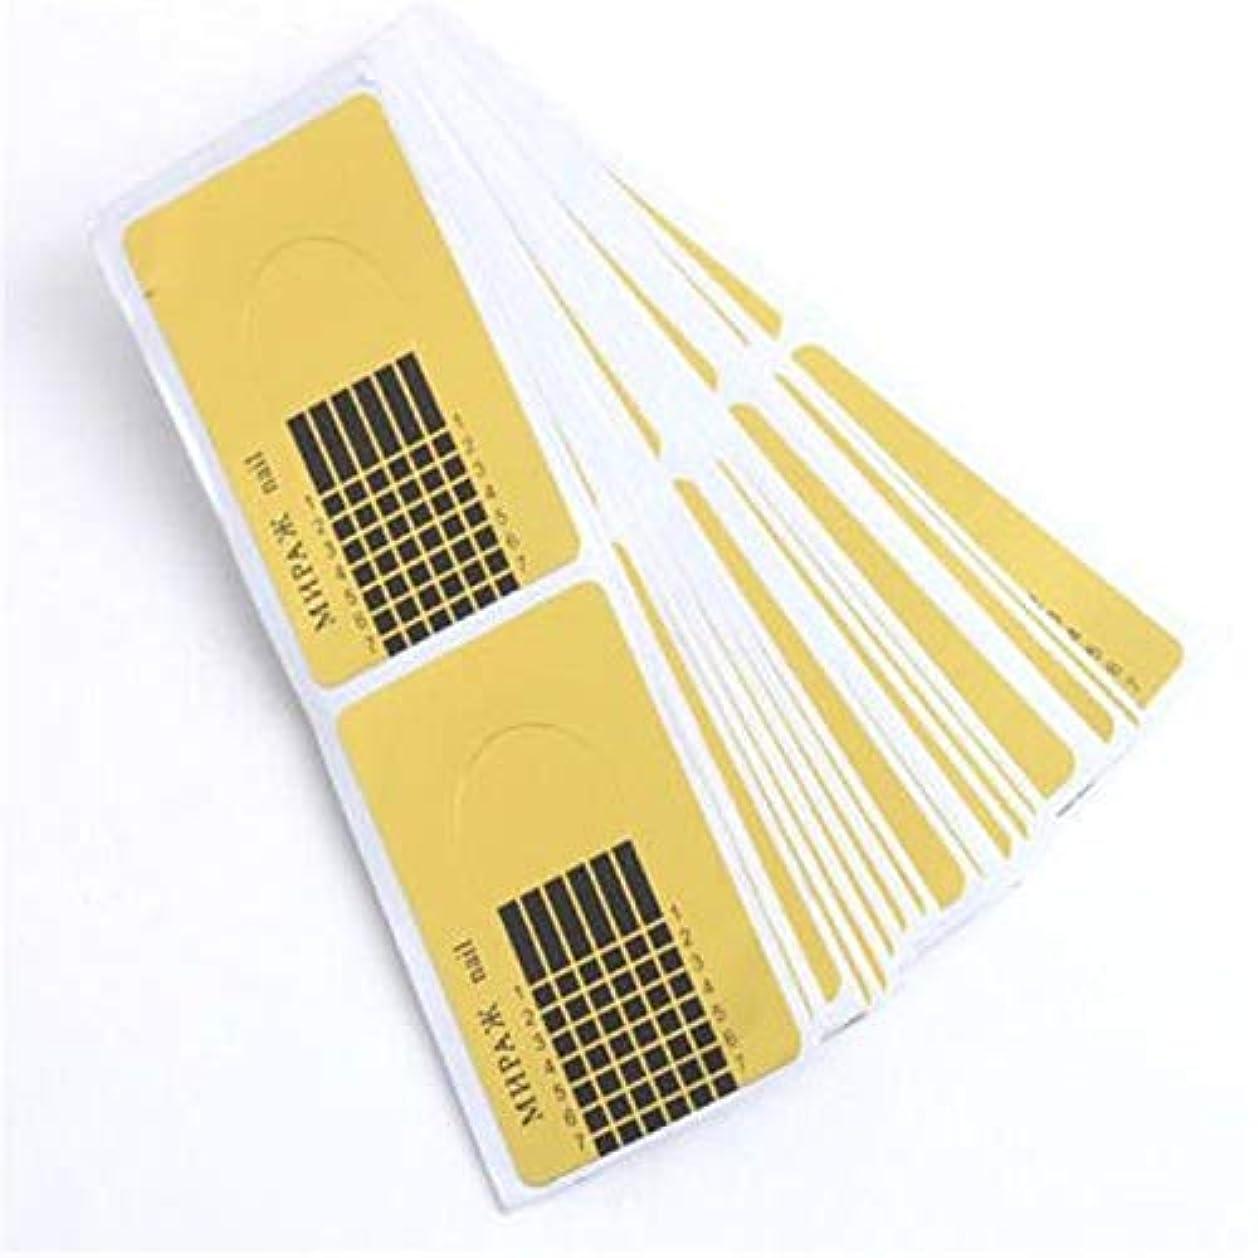 過度に驚いたことに請求可能Quzama-JS 先進デザイン100個新しいコンセプトゴールド昆虫タイプ指トリートメント爪サポートクリスタル特殊ホルダー(None golden)